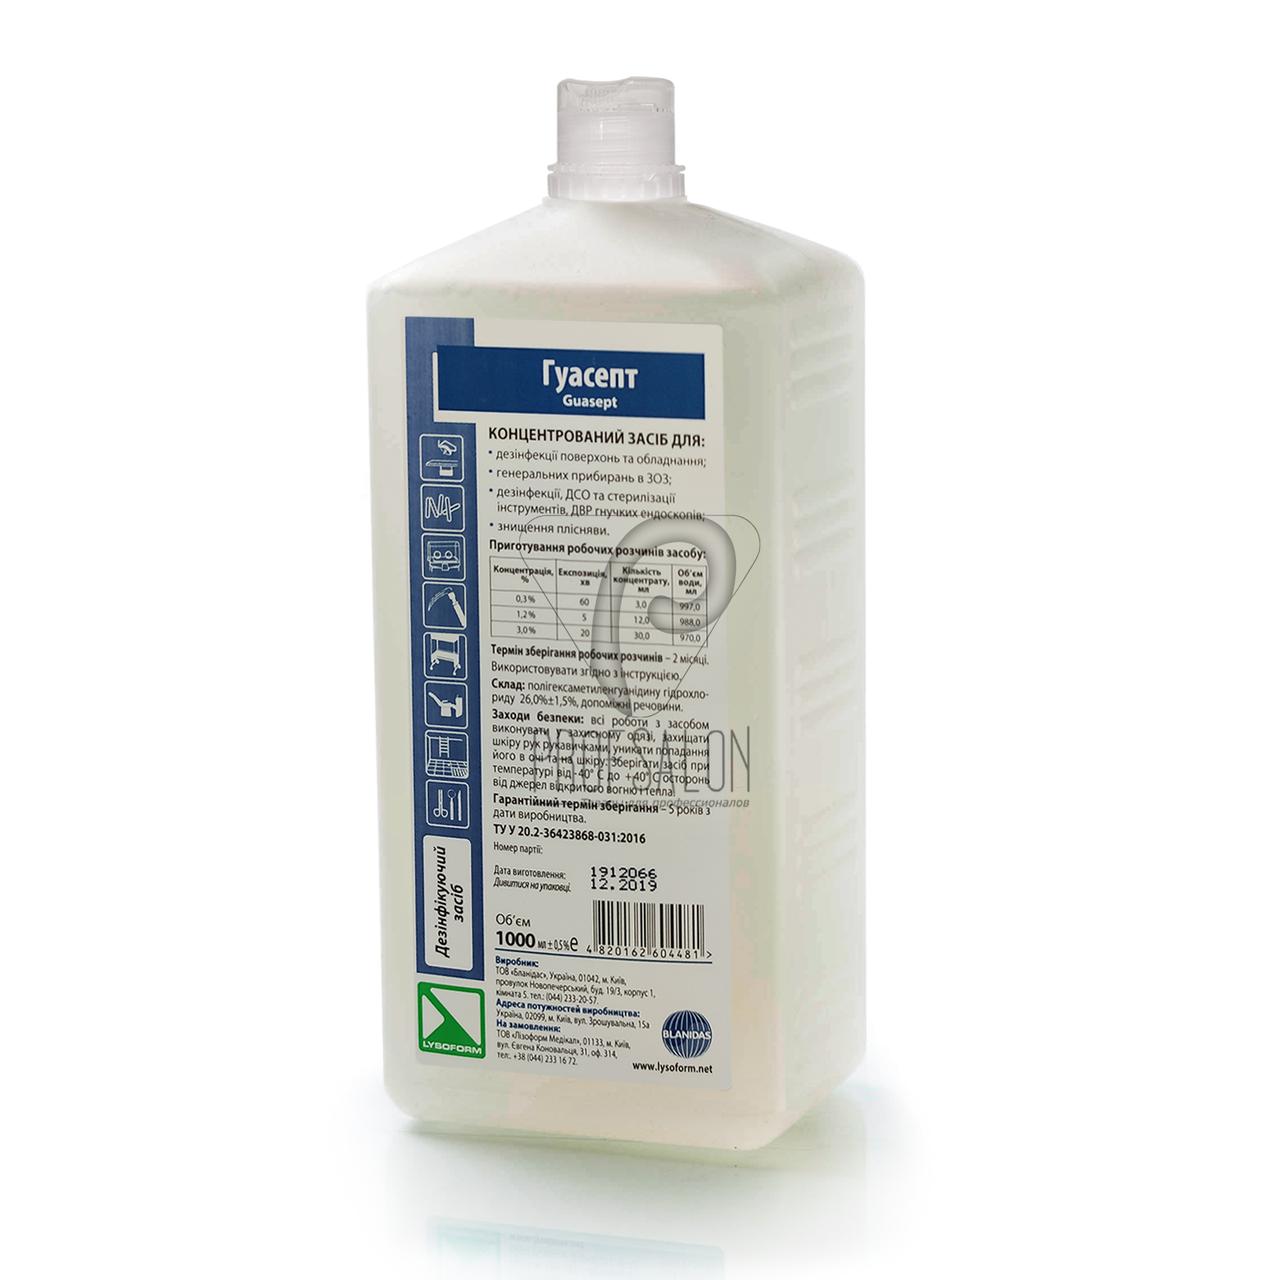 Гуасепт 1 л - средство для стерилизации и дезинфекции, концентрат